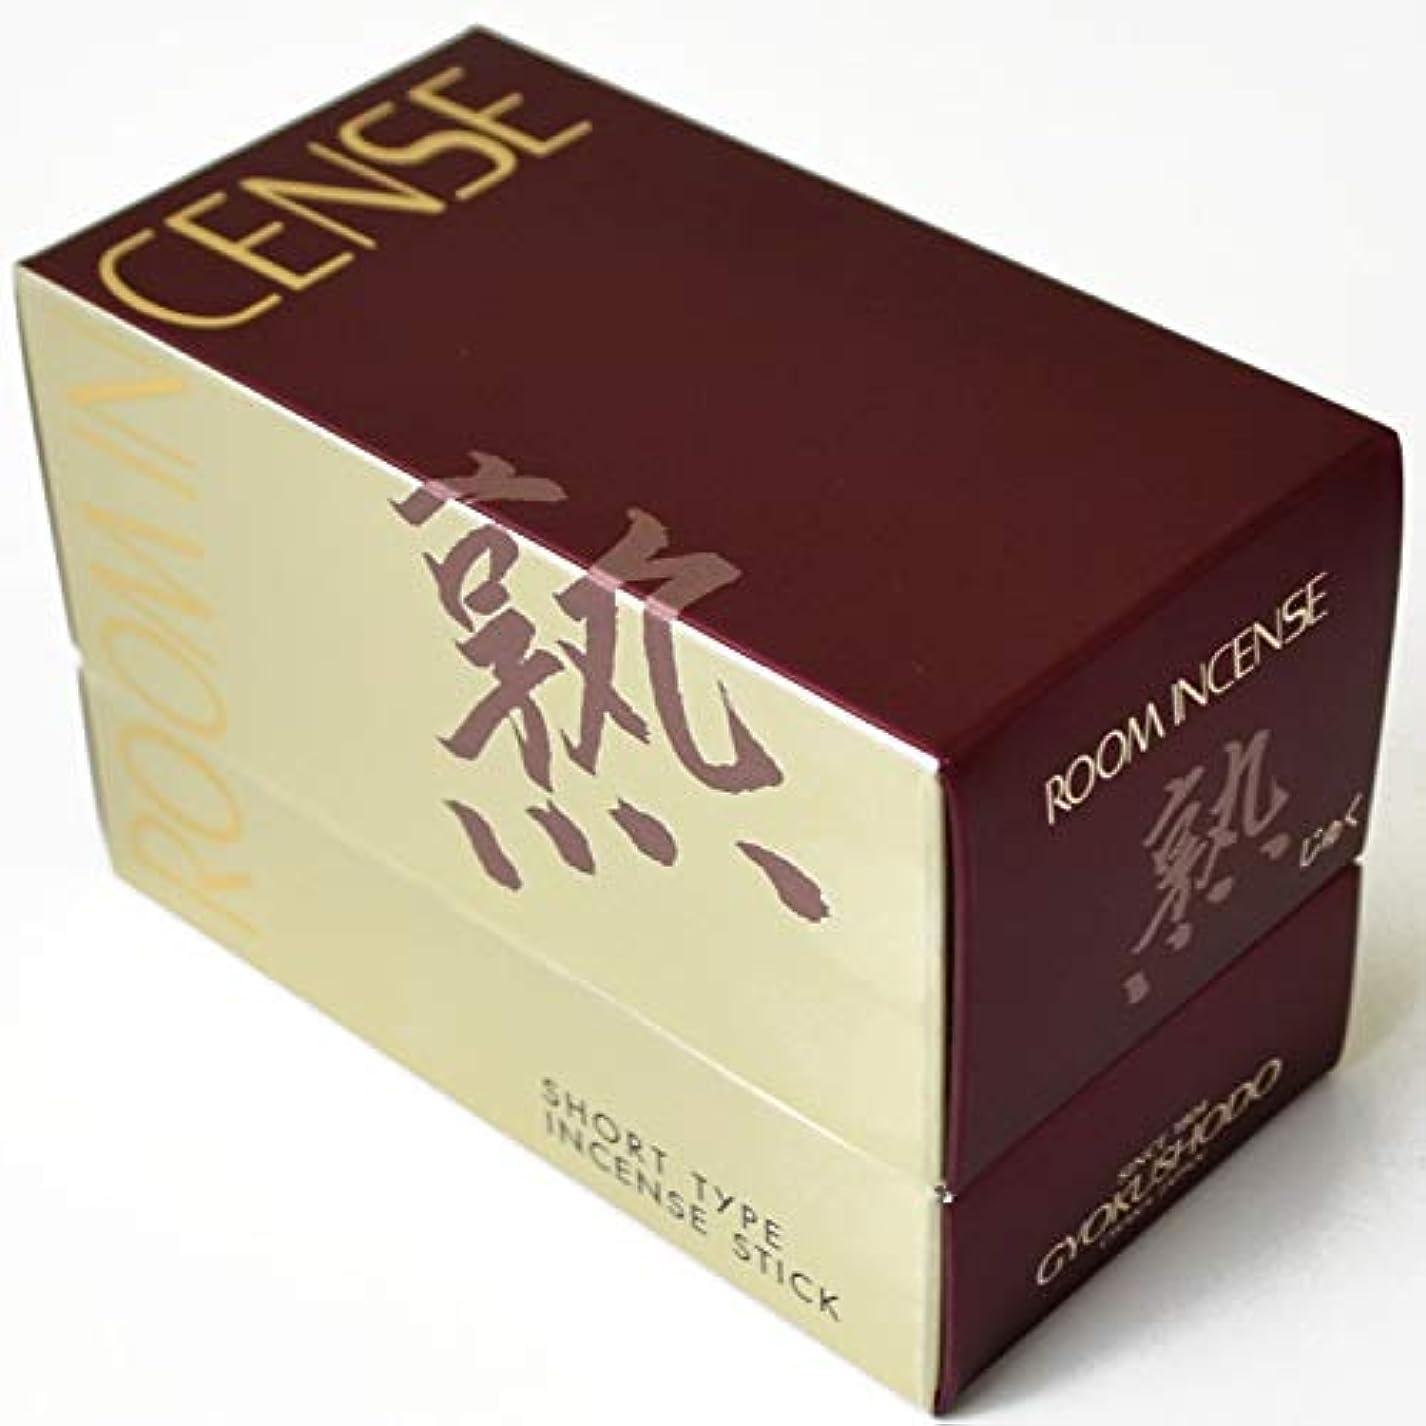 ヘクタール風保護玉初堂 煙の少ないルームインセンス 熟(赤ワインの香り)#6693